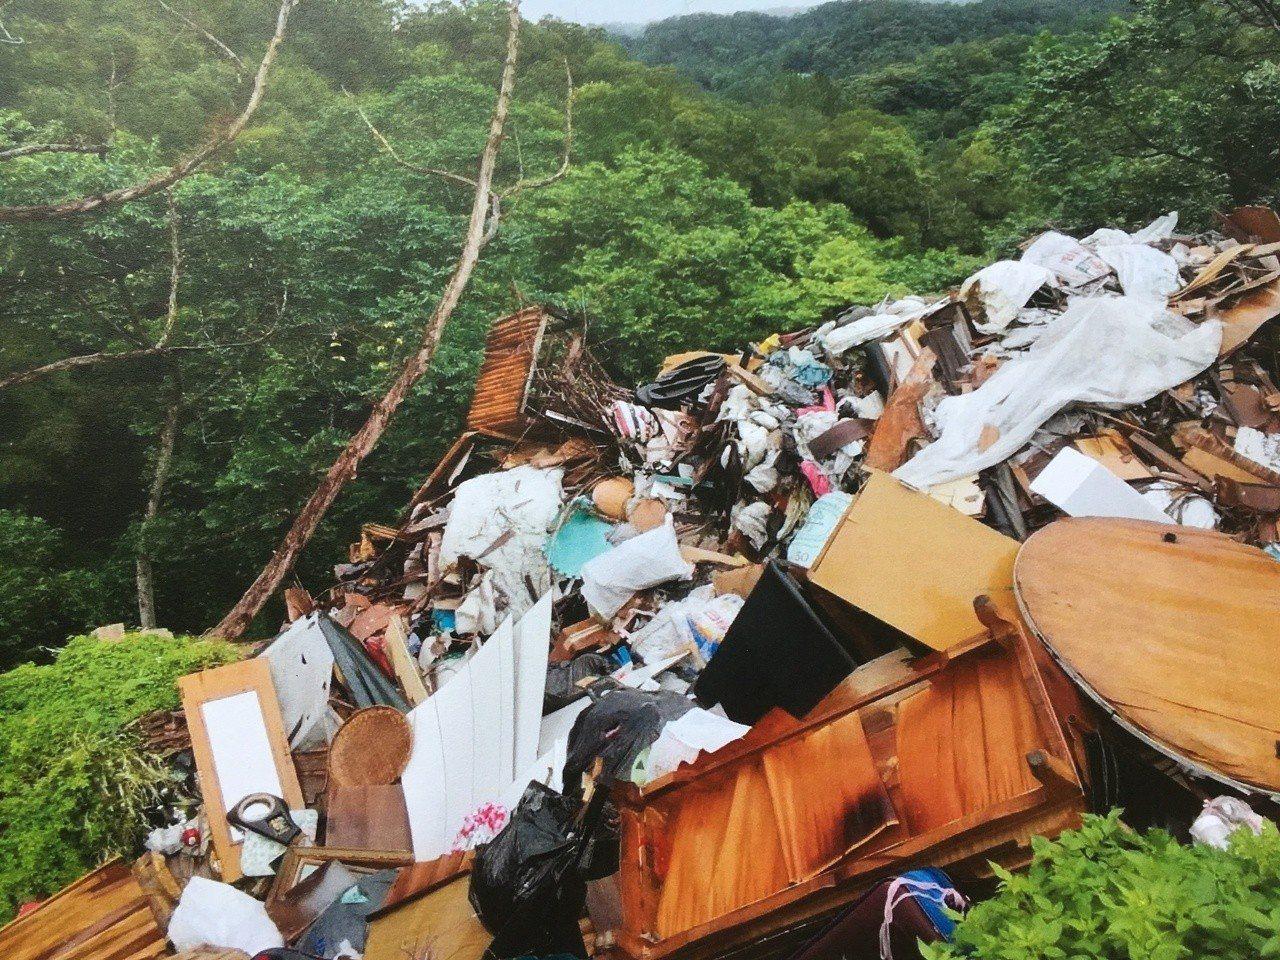 垃圾棄置場。圖/姜良明提供